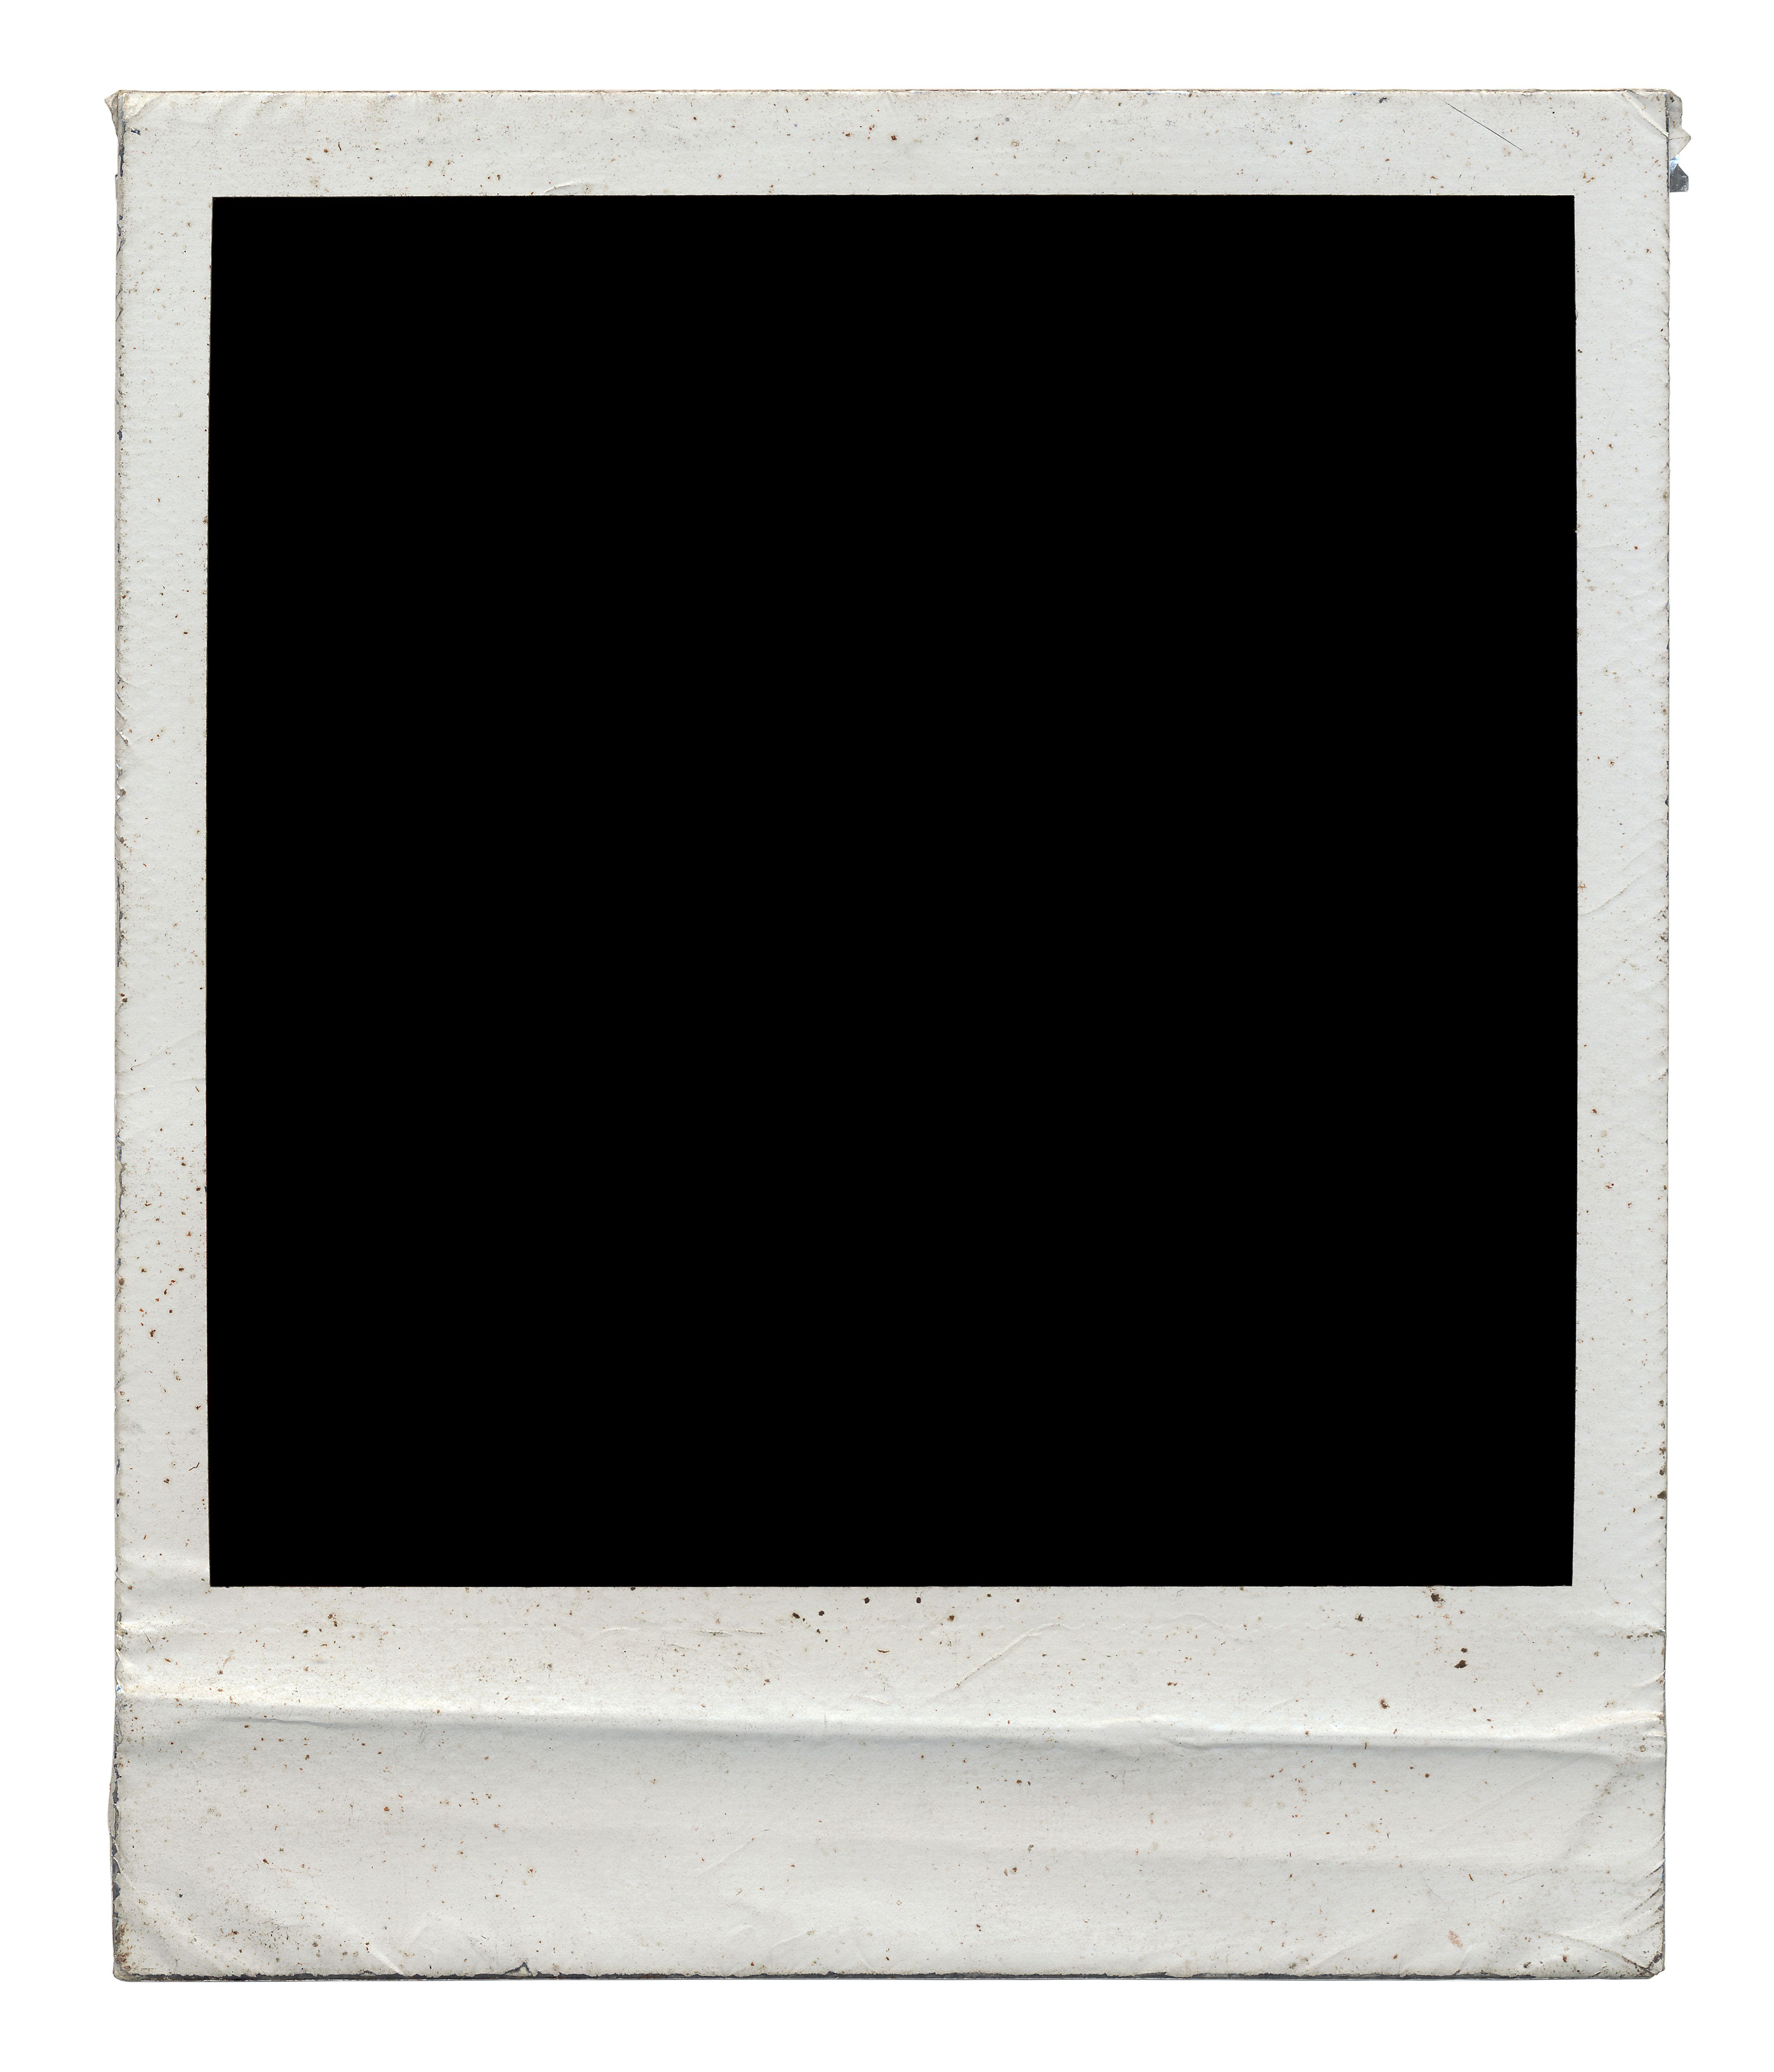 It S Really Dark Polaroid Frame Polaroid Frame Png Polaroid Template